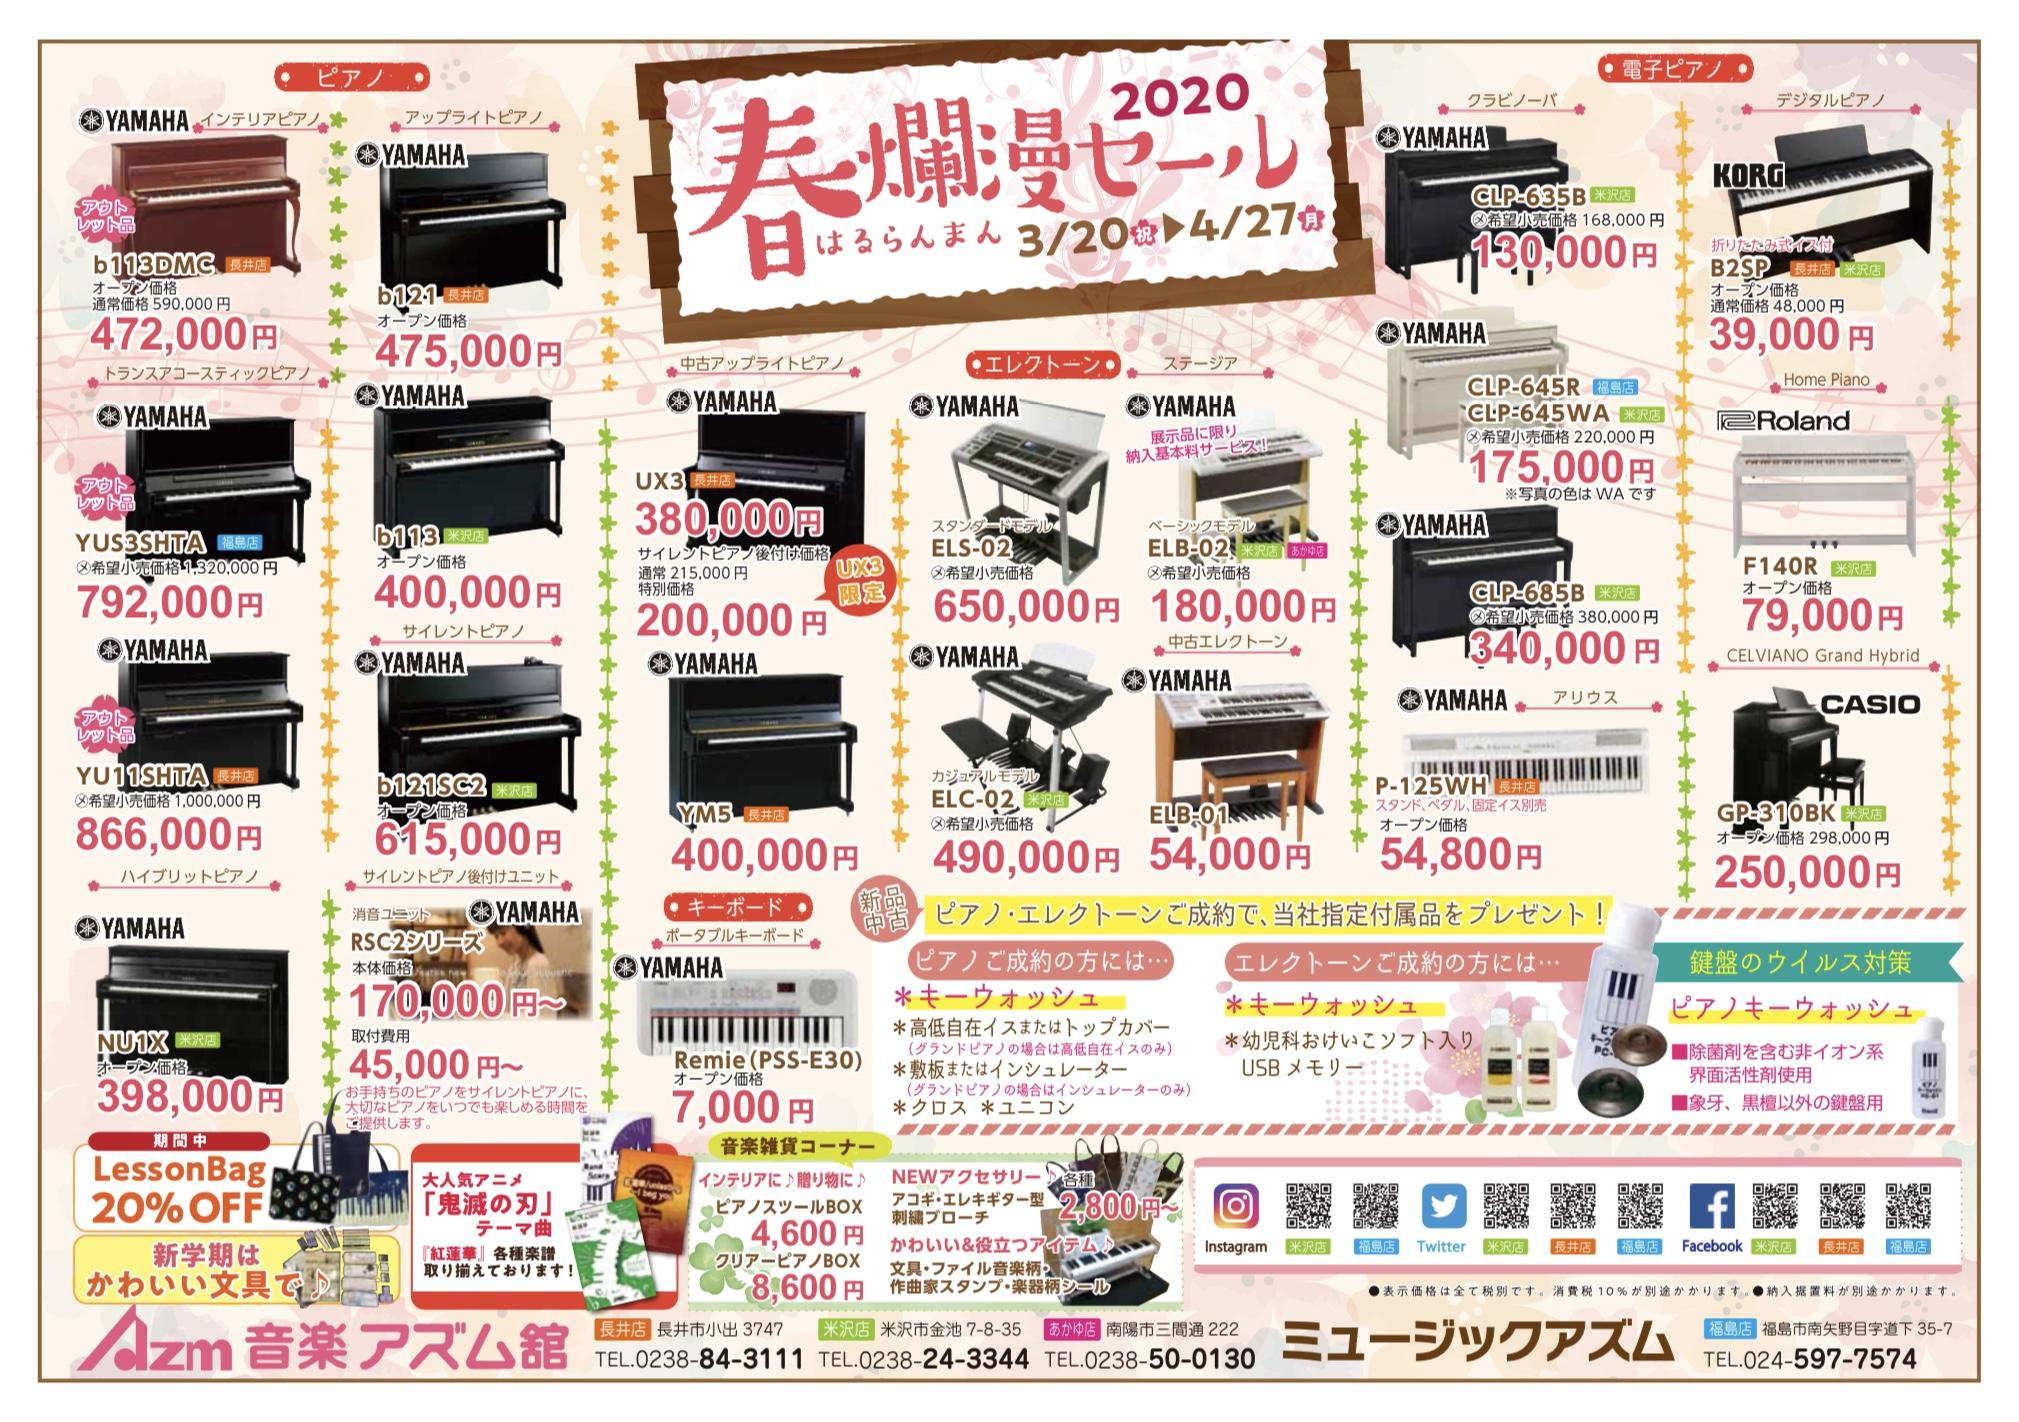 D8980A0A-9166-4043-BF4A-6994B8E5AF4A